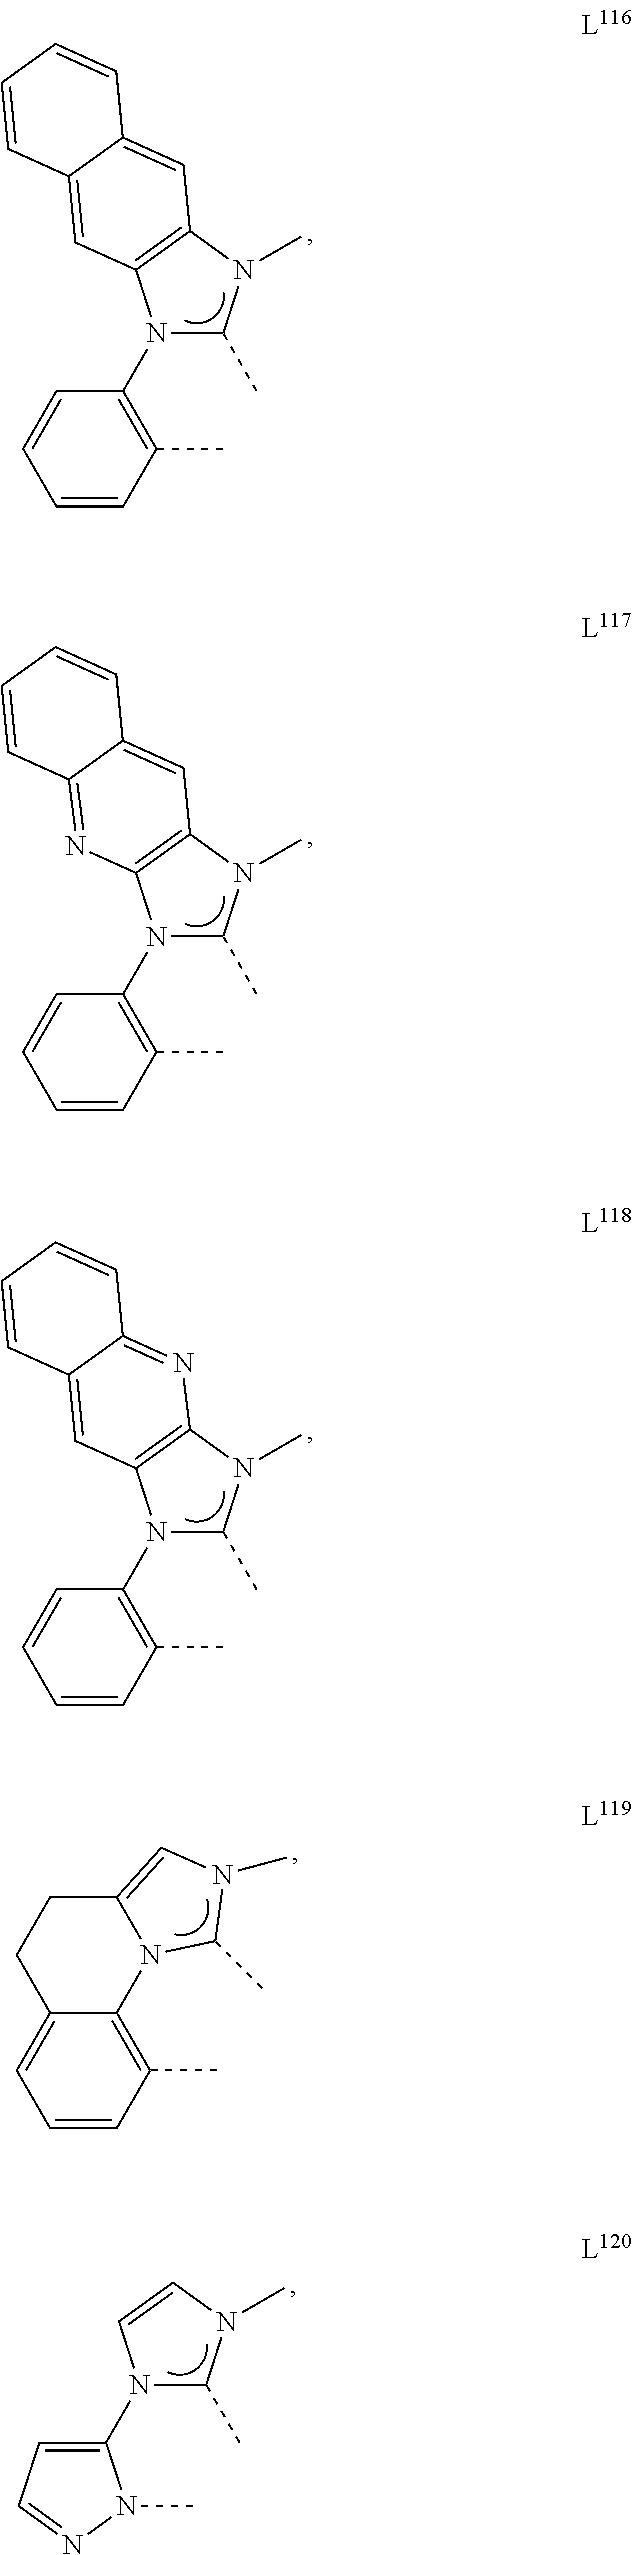 Figure US09306179-20160405-C00010